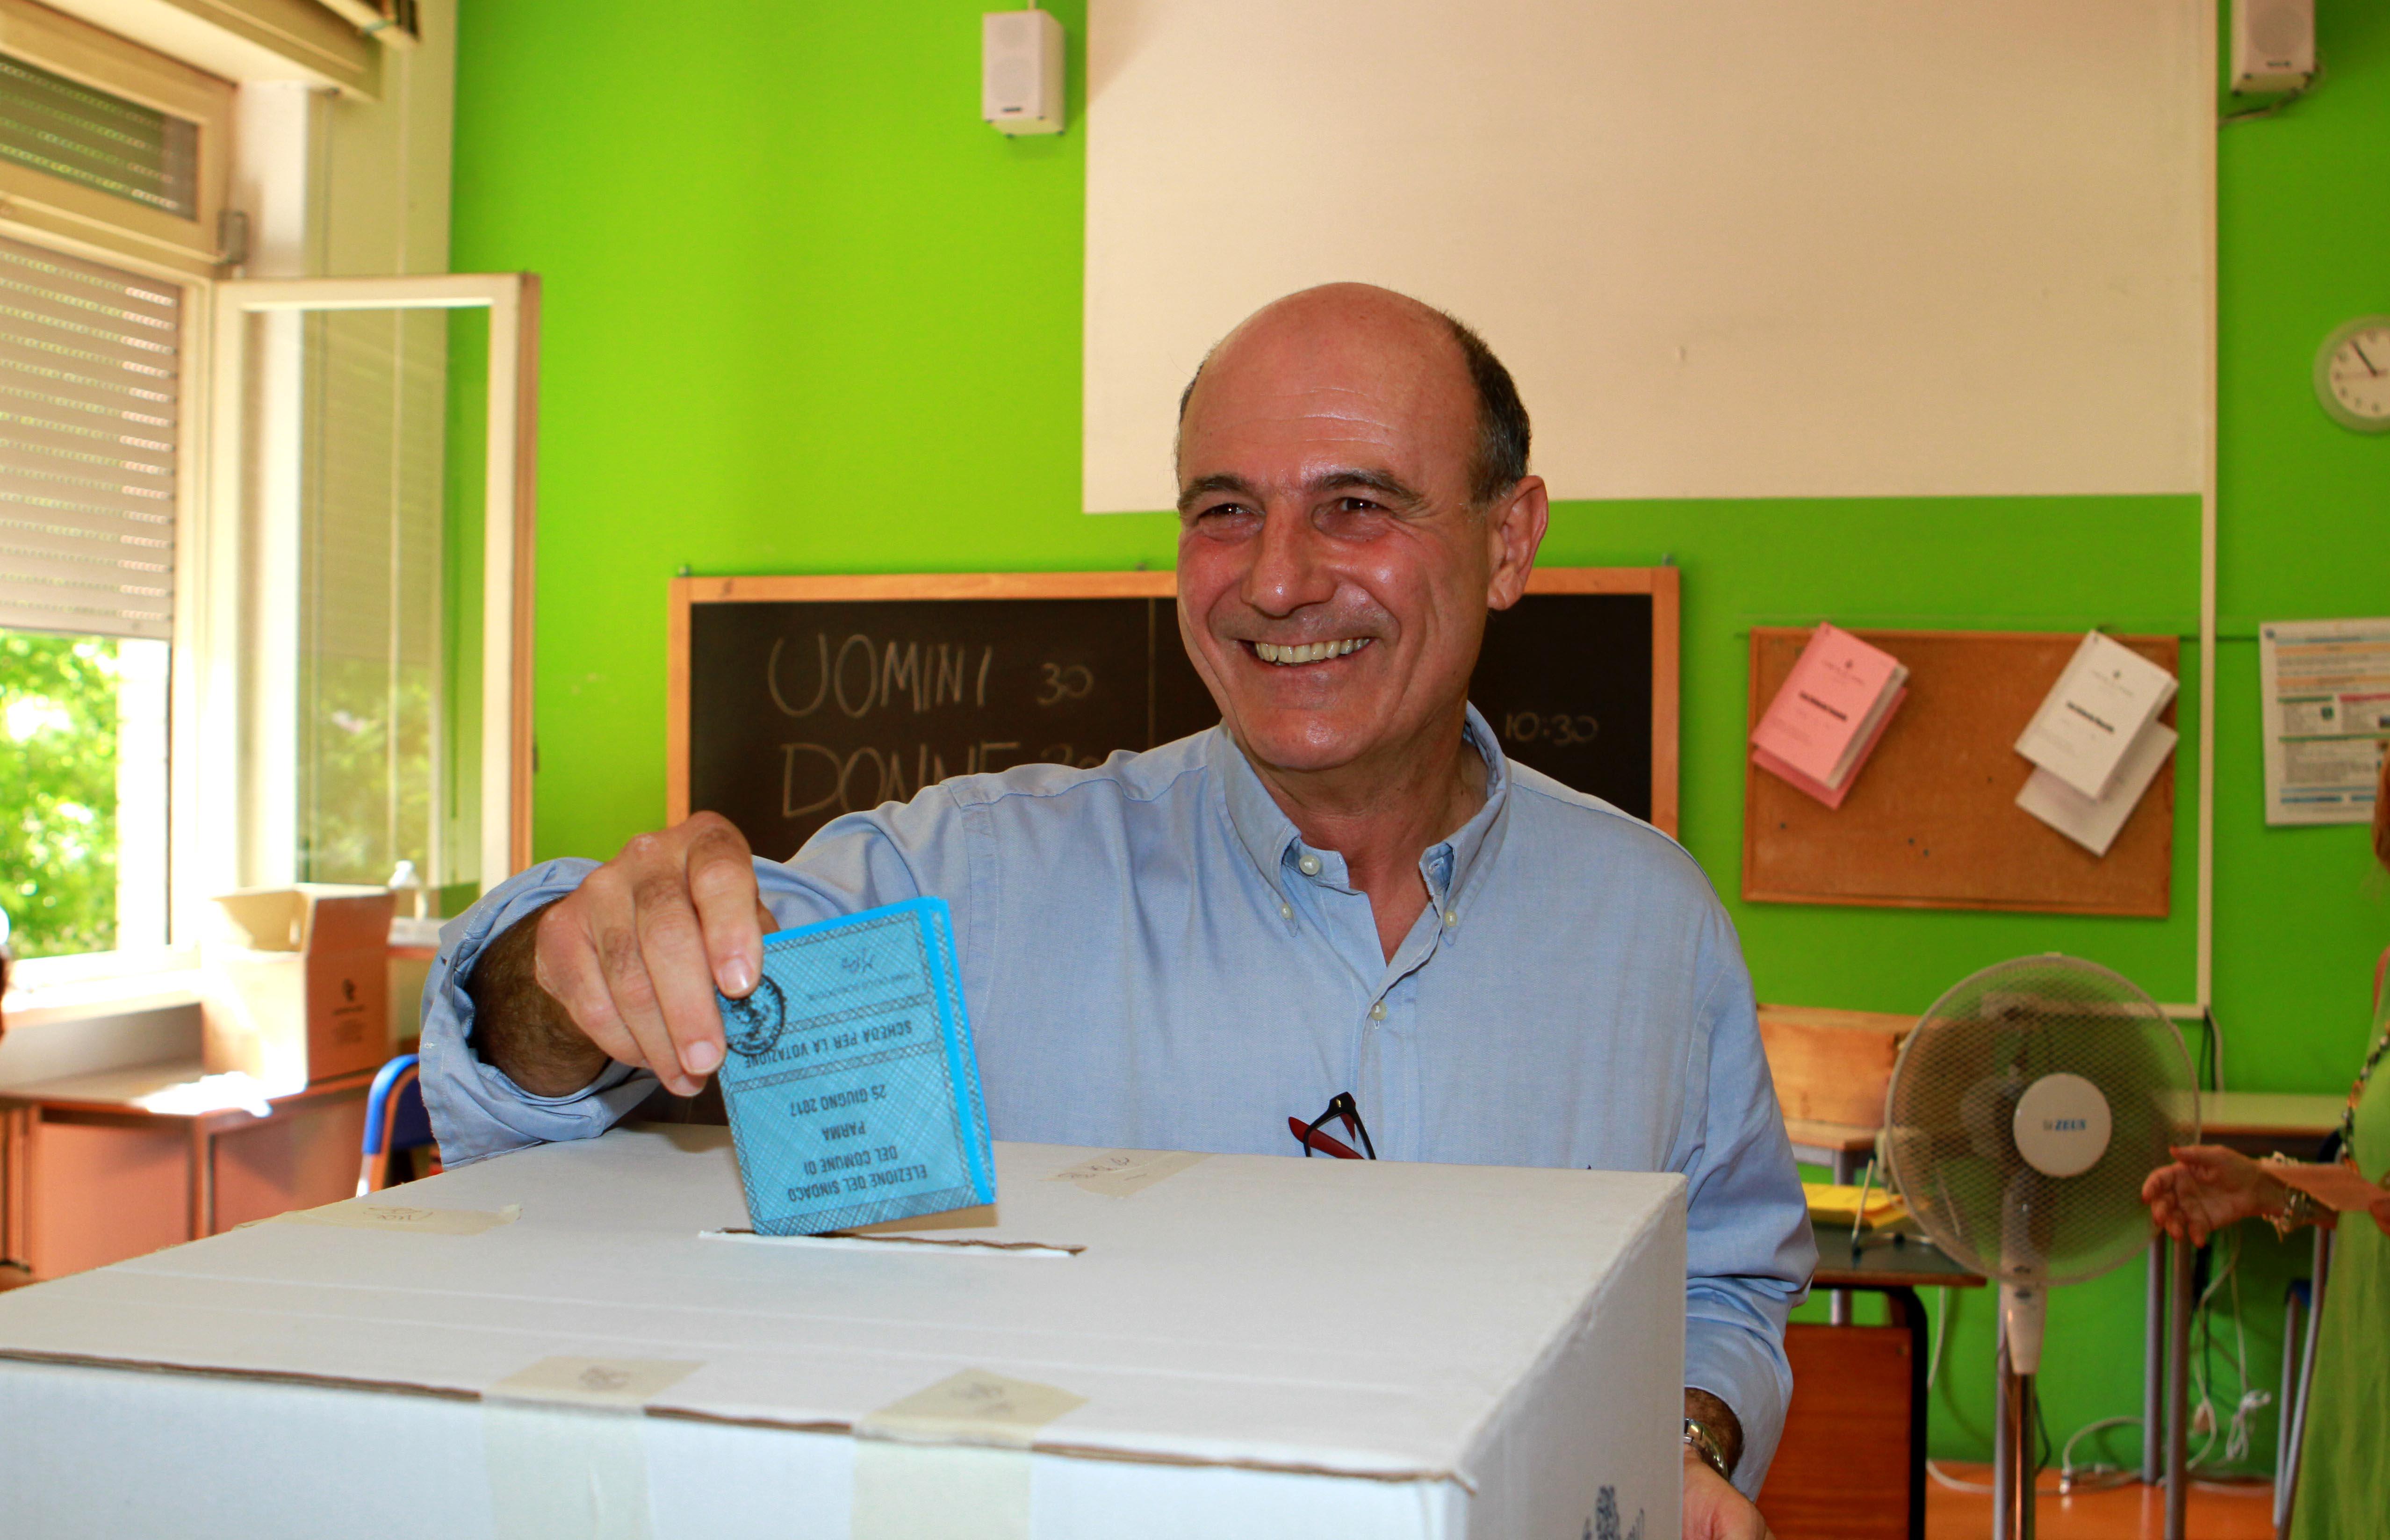 Exit poll ballottaggi, a Genova avanti il centrodestra, Pizzarotti vince a Parma